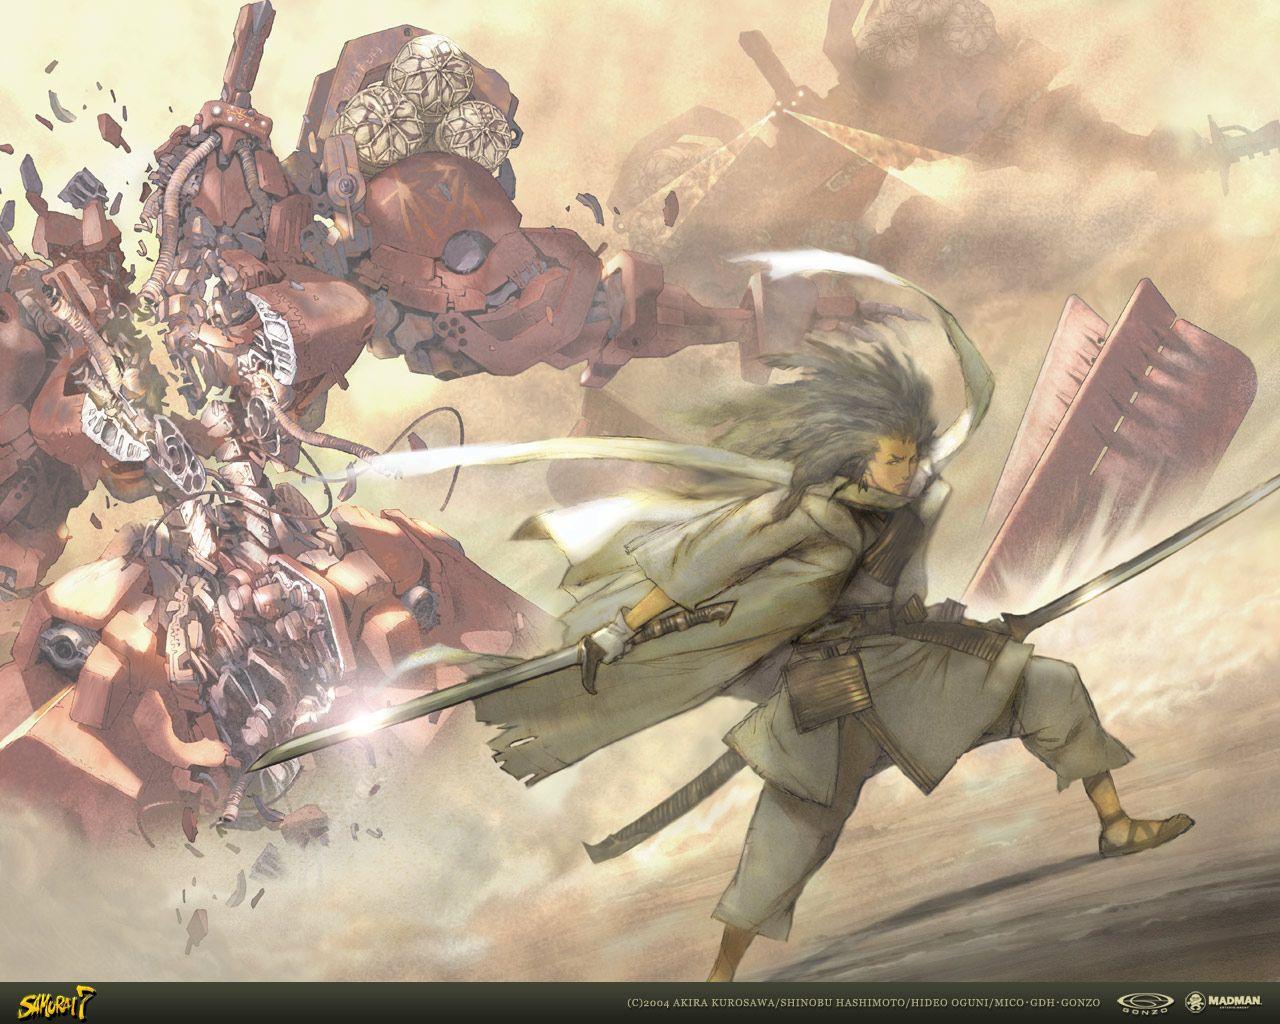 samurai 7 (With images) Anime images, Samurai, Art